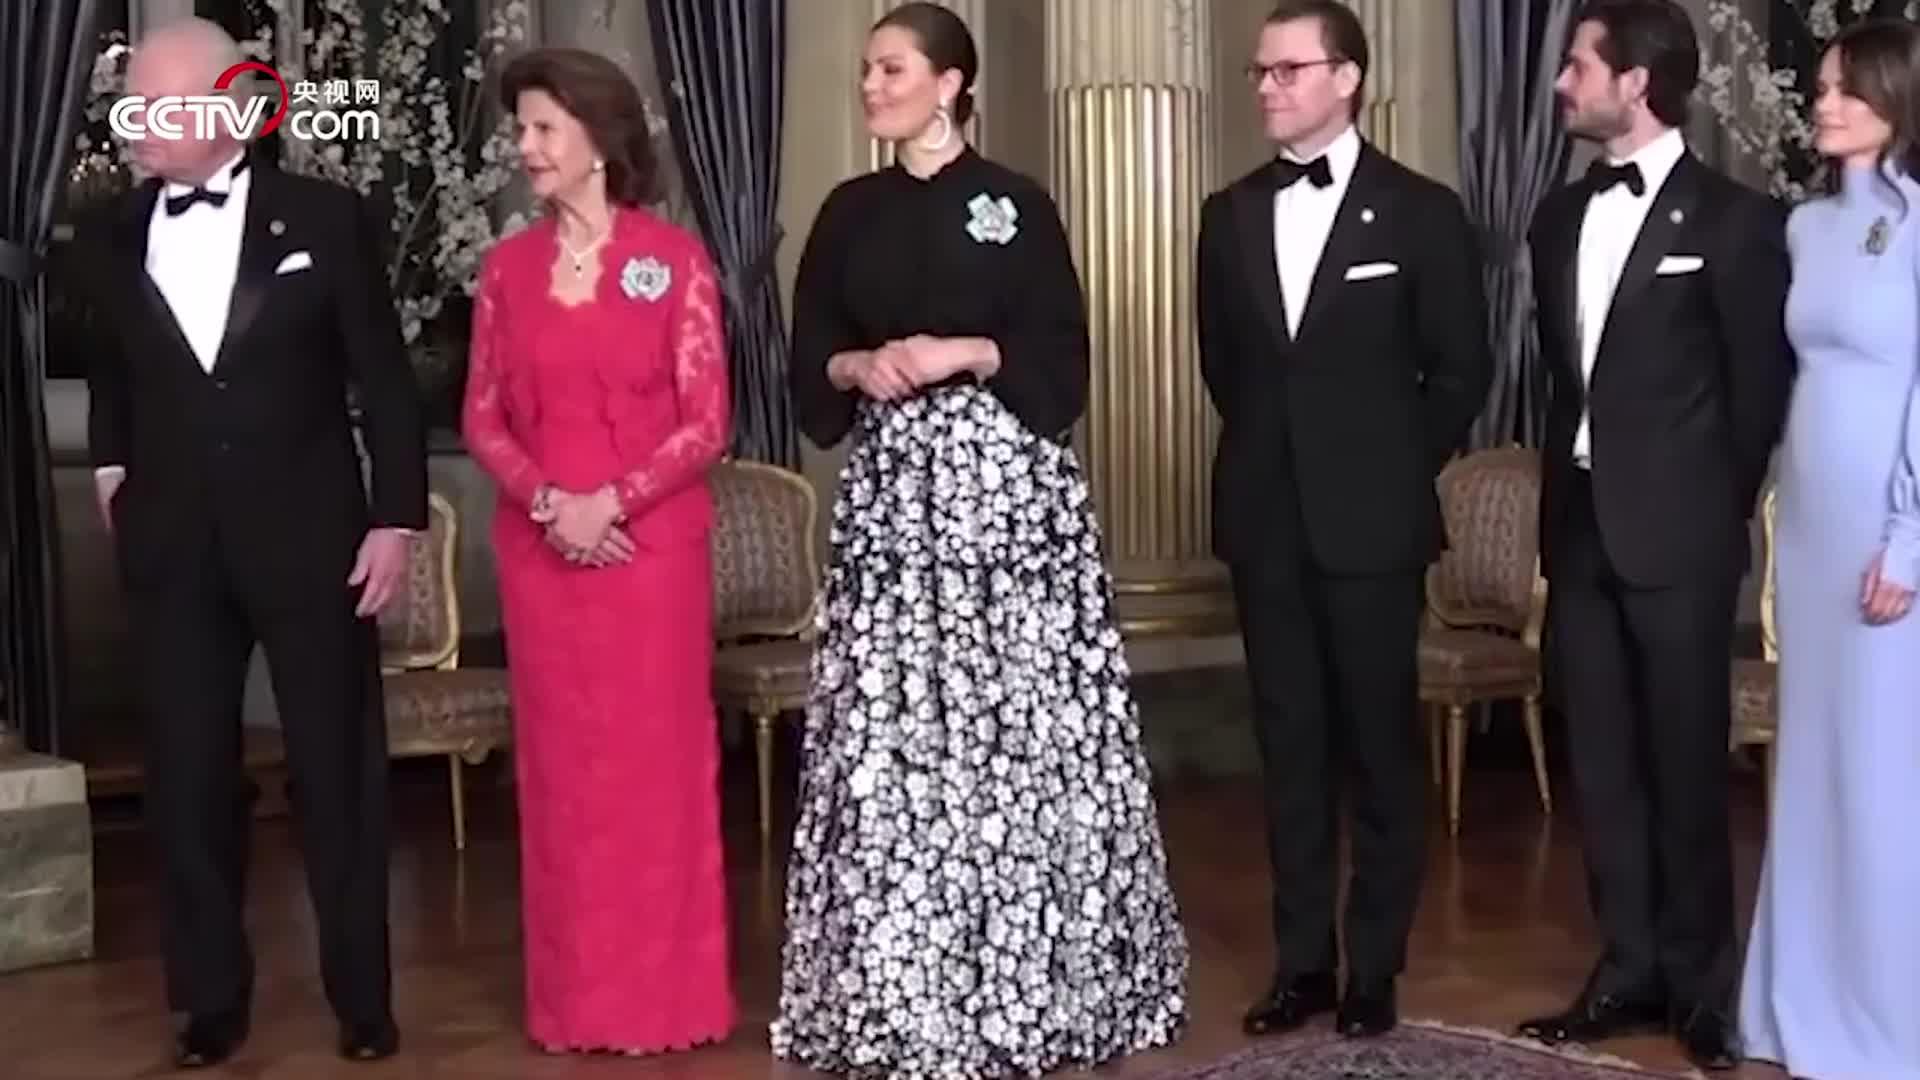 """[视频]在光滑的地上摩擦!瑞典国王餐会上展示特殊""""舞步"""""""